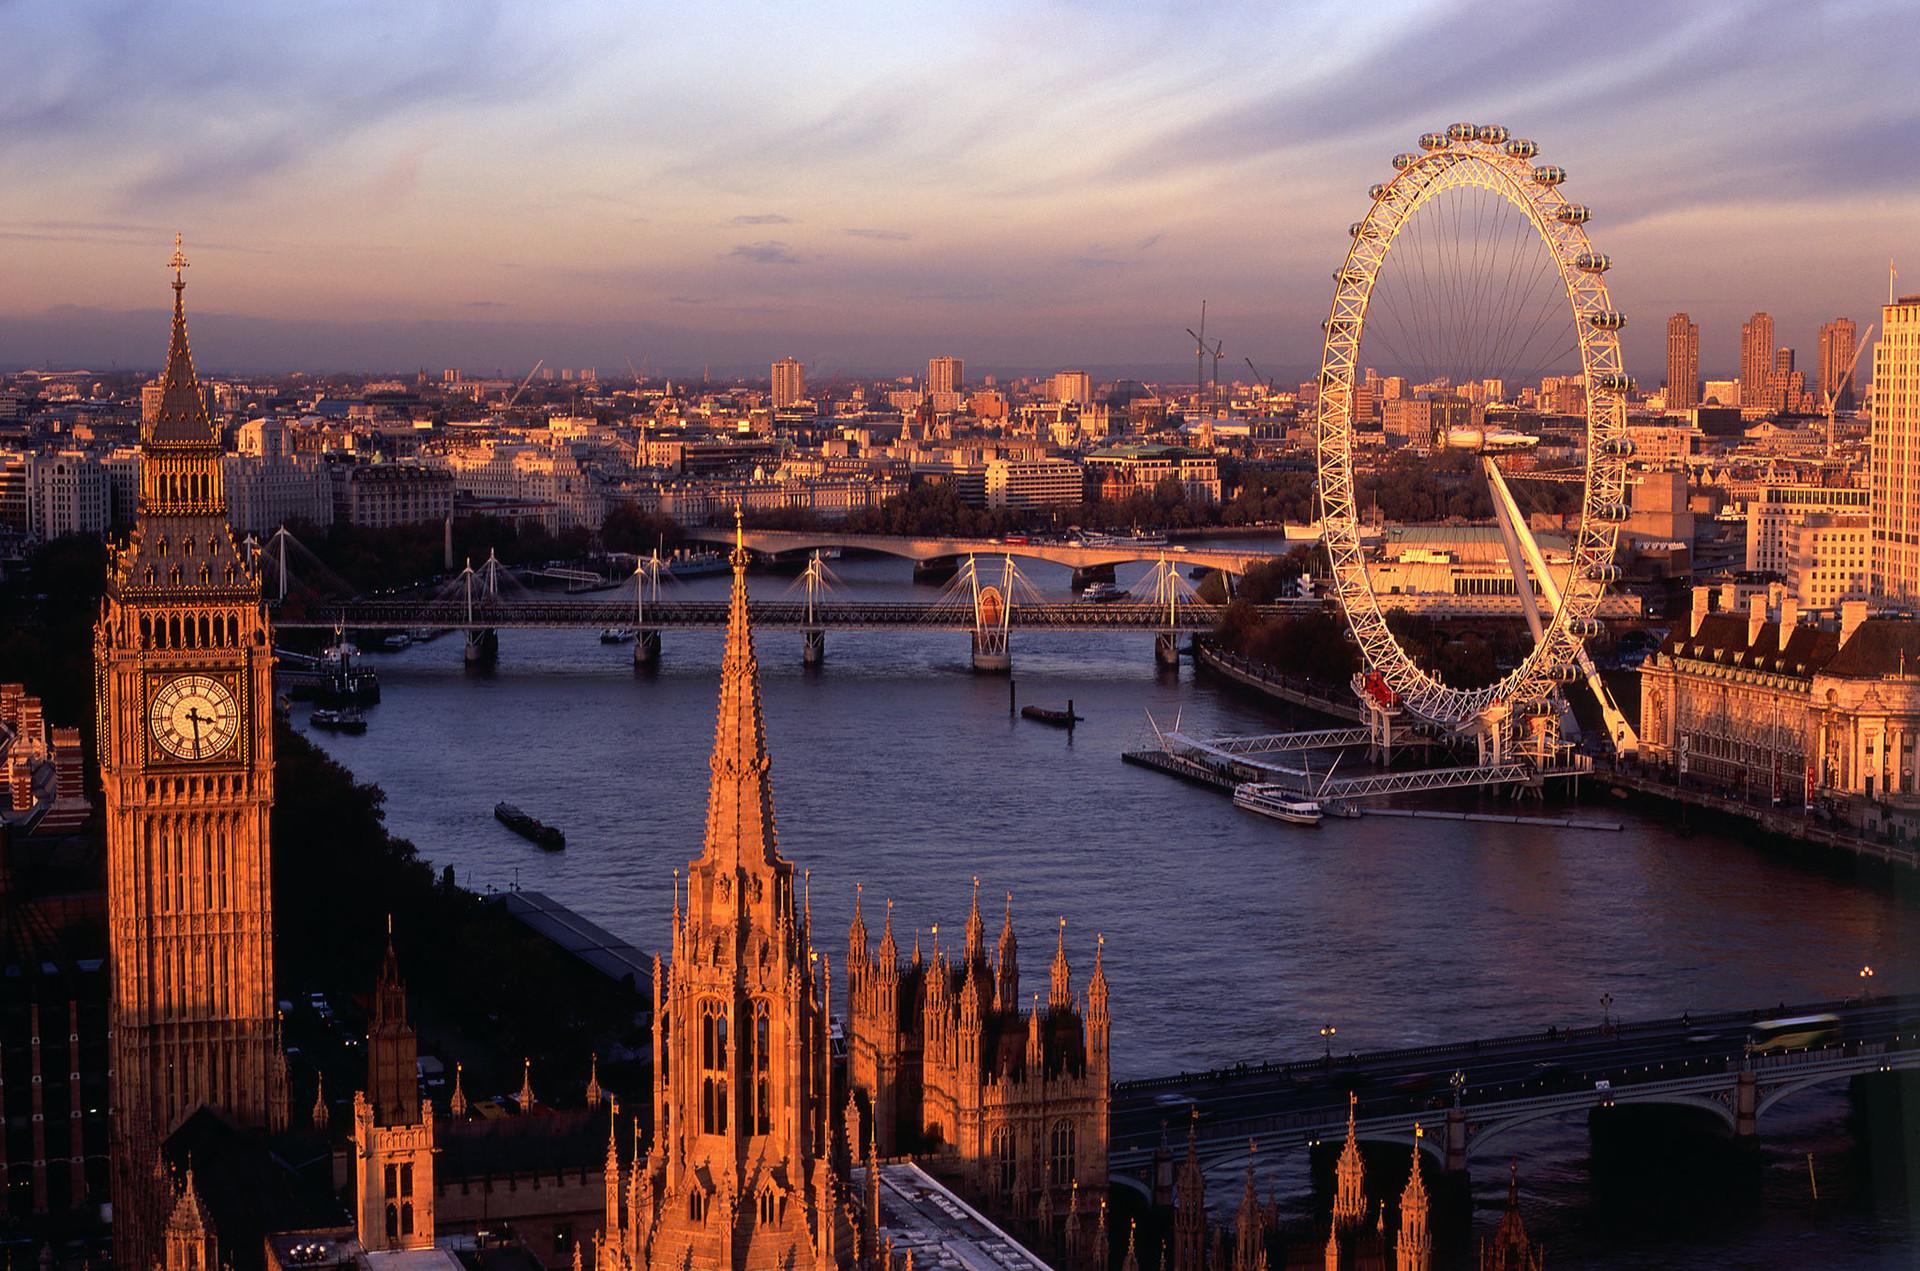 Doświadczenia z Londynu, Wielka Brytania od Daniela